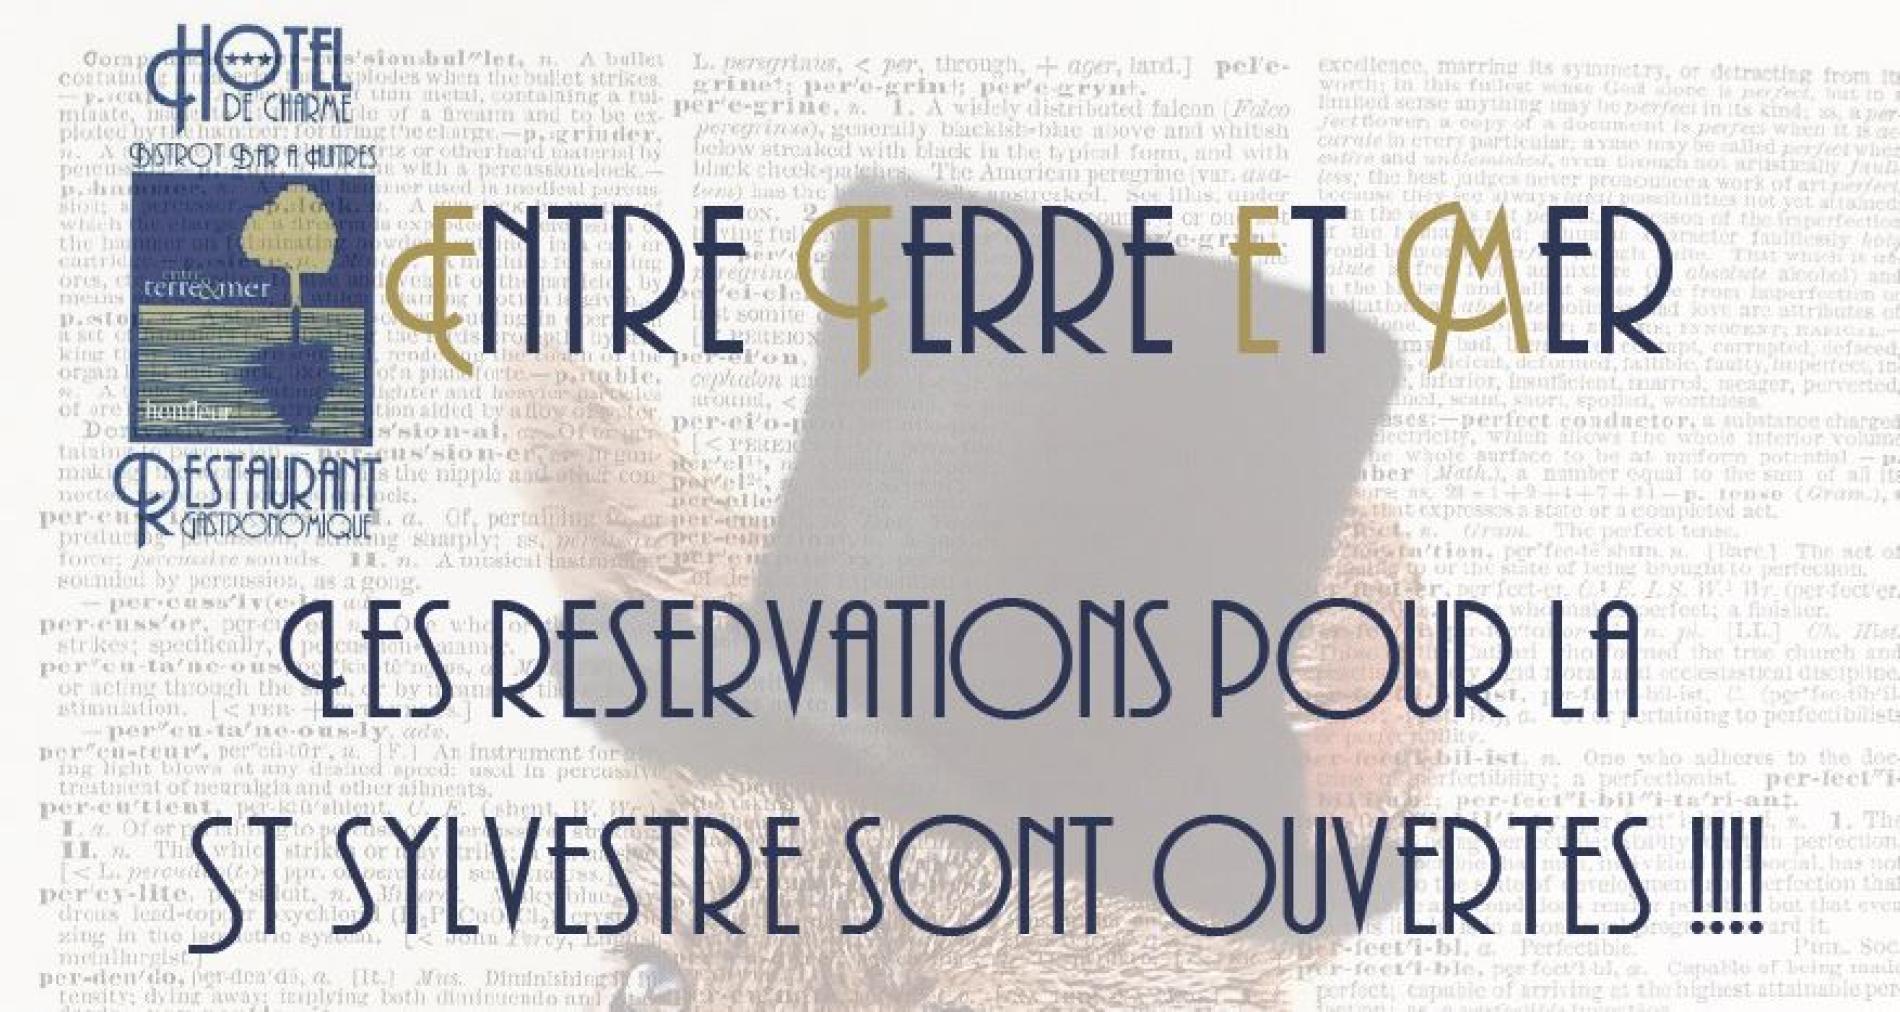 Soirée spéciale - Saint Sylvestre